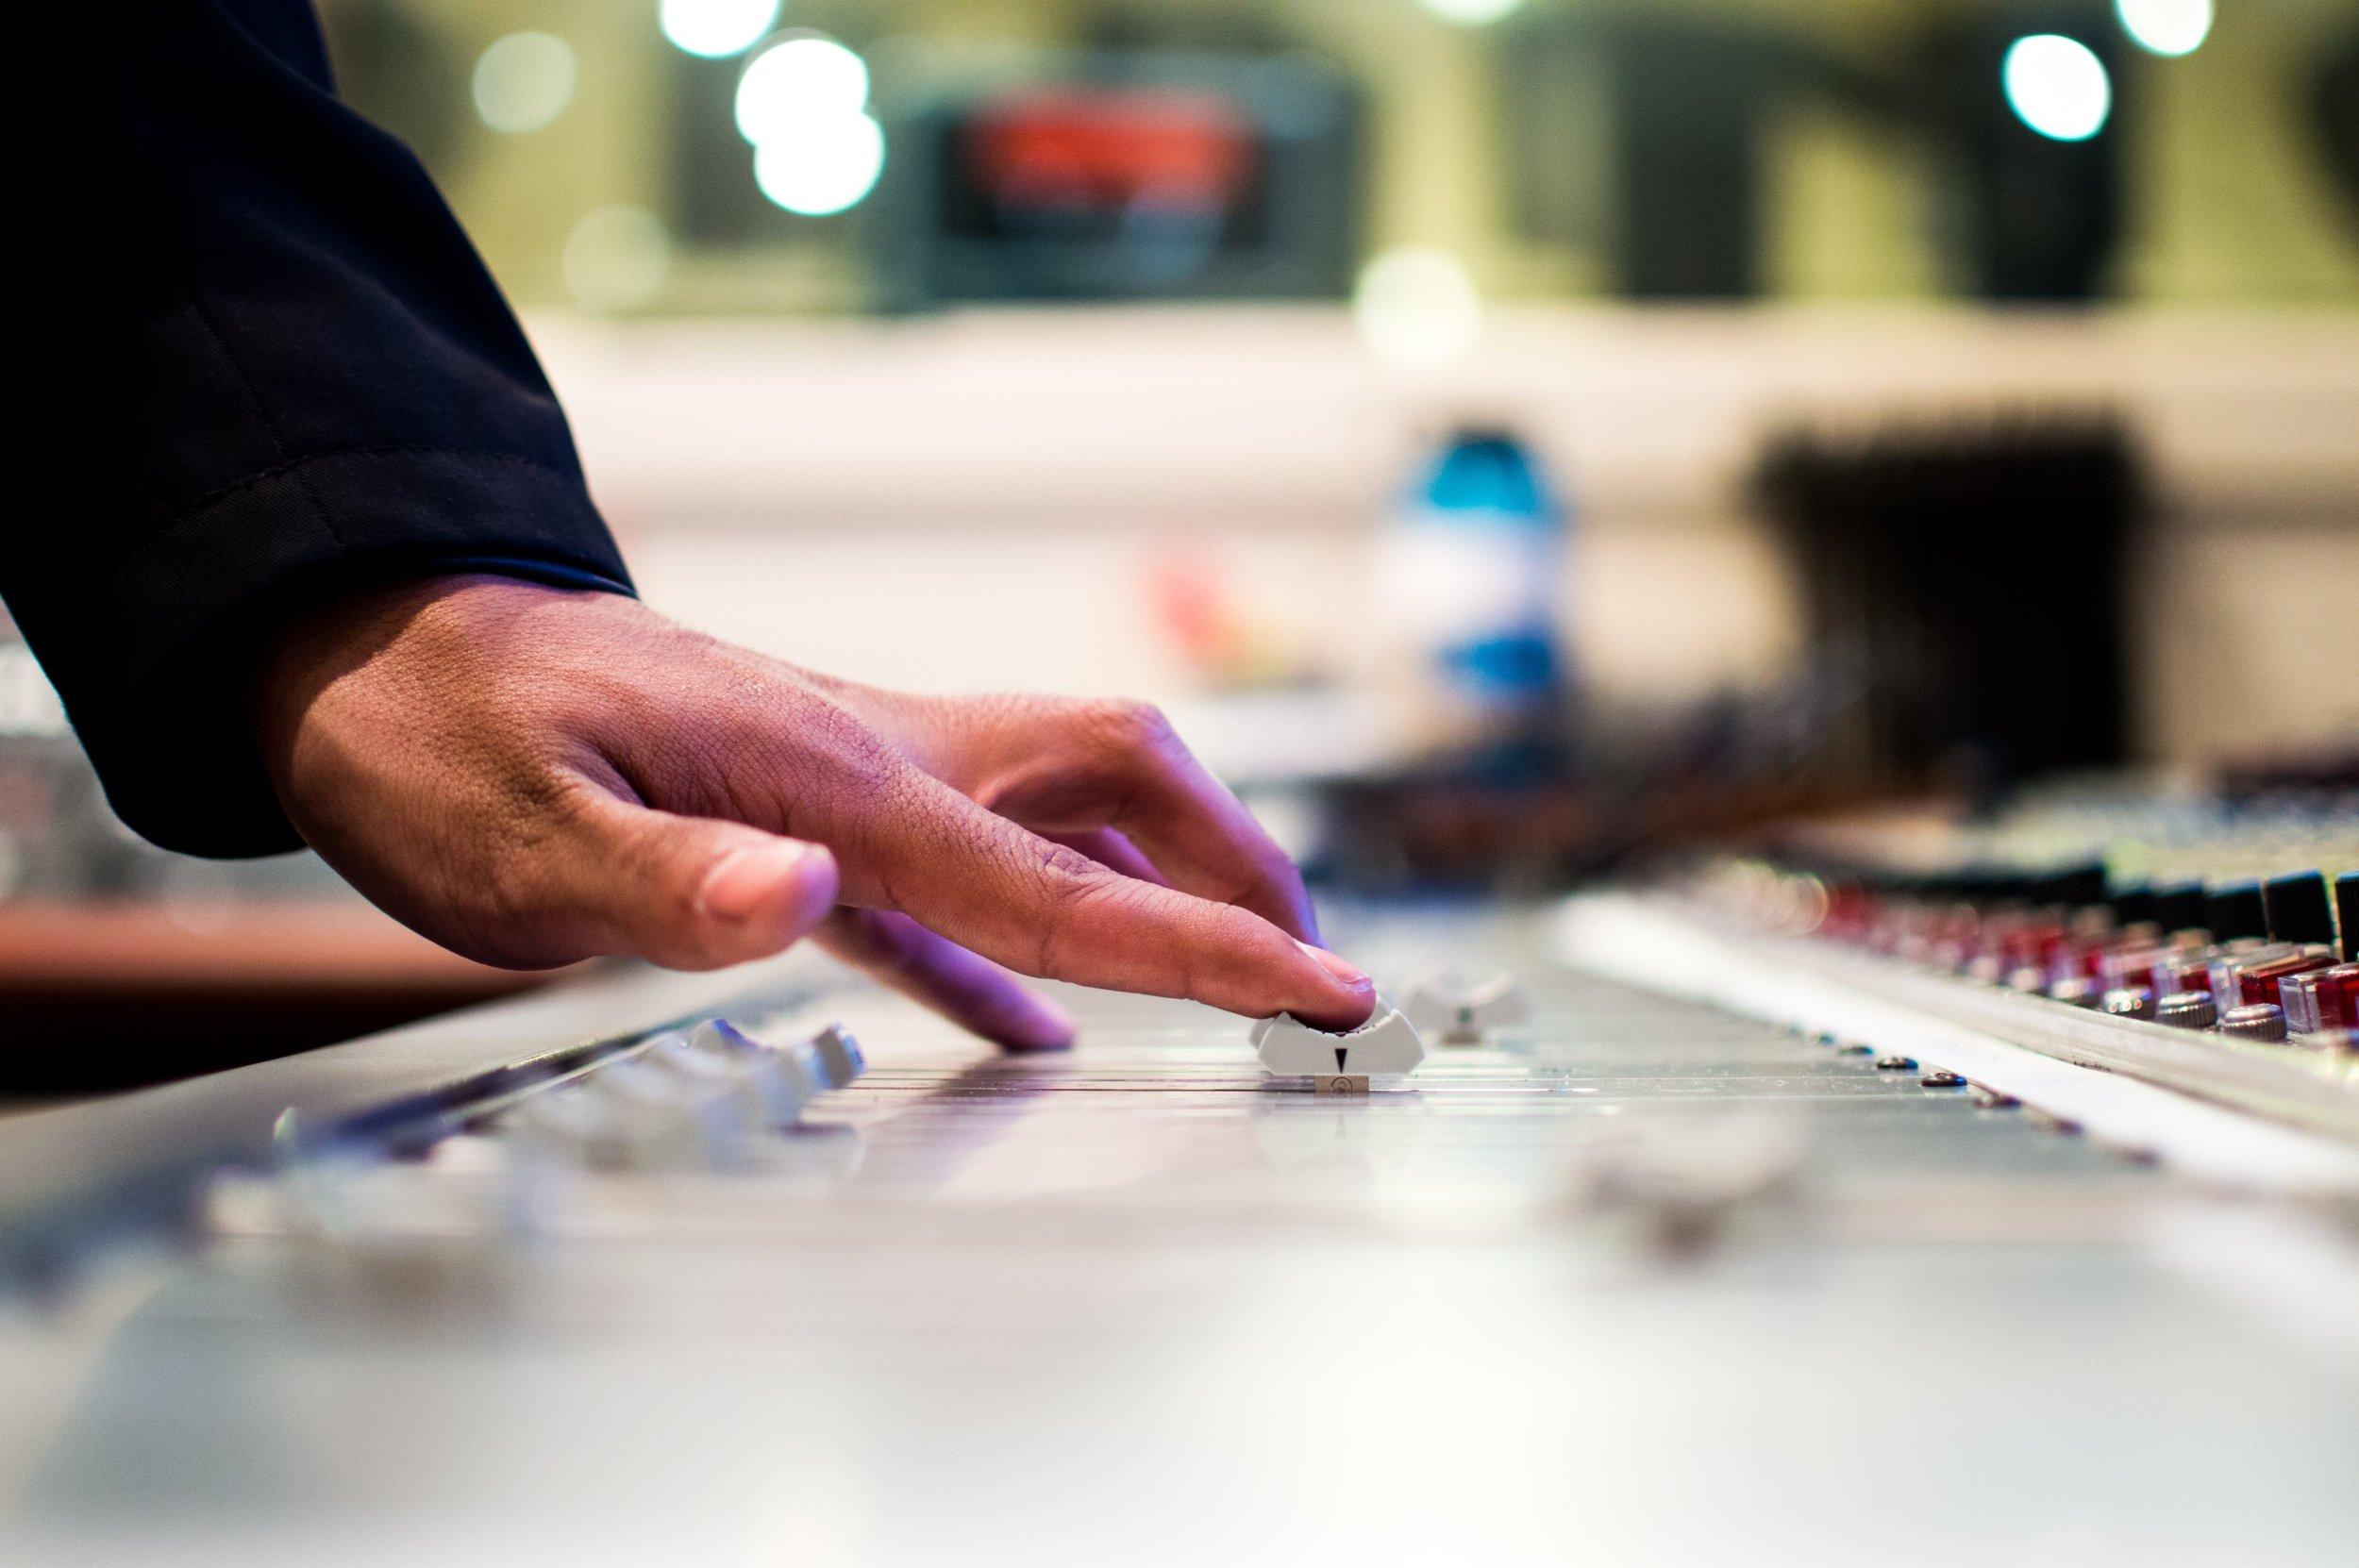 soundboard-min.jpg